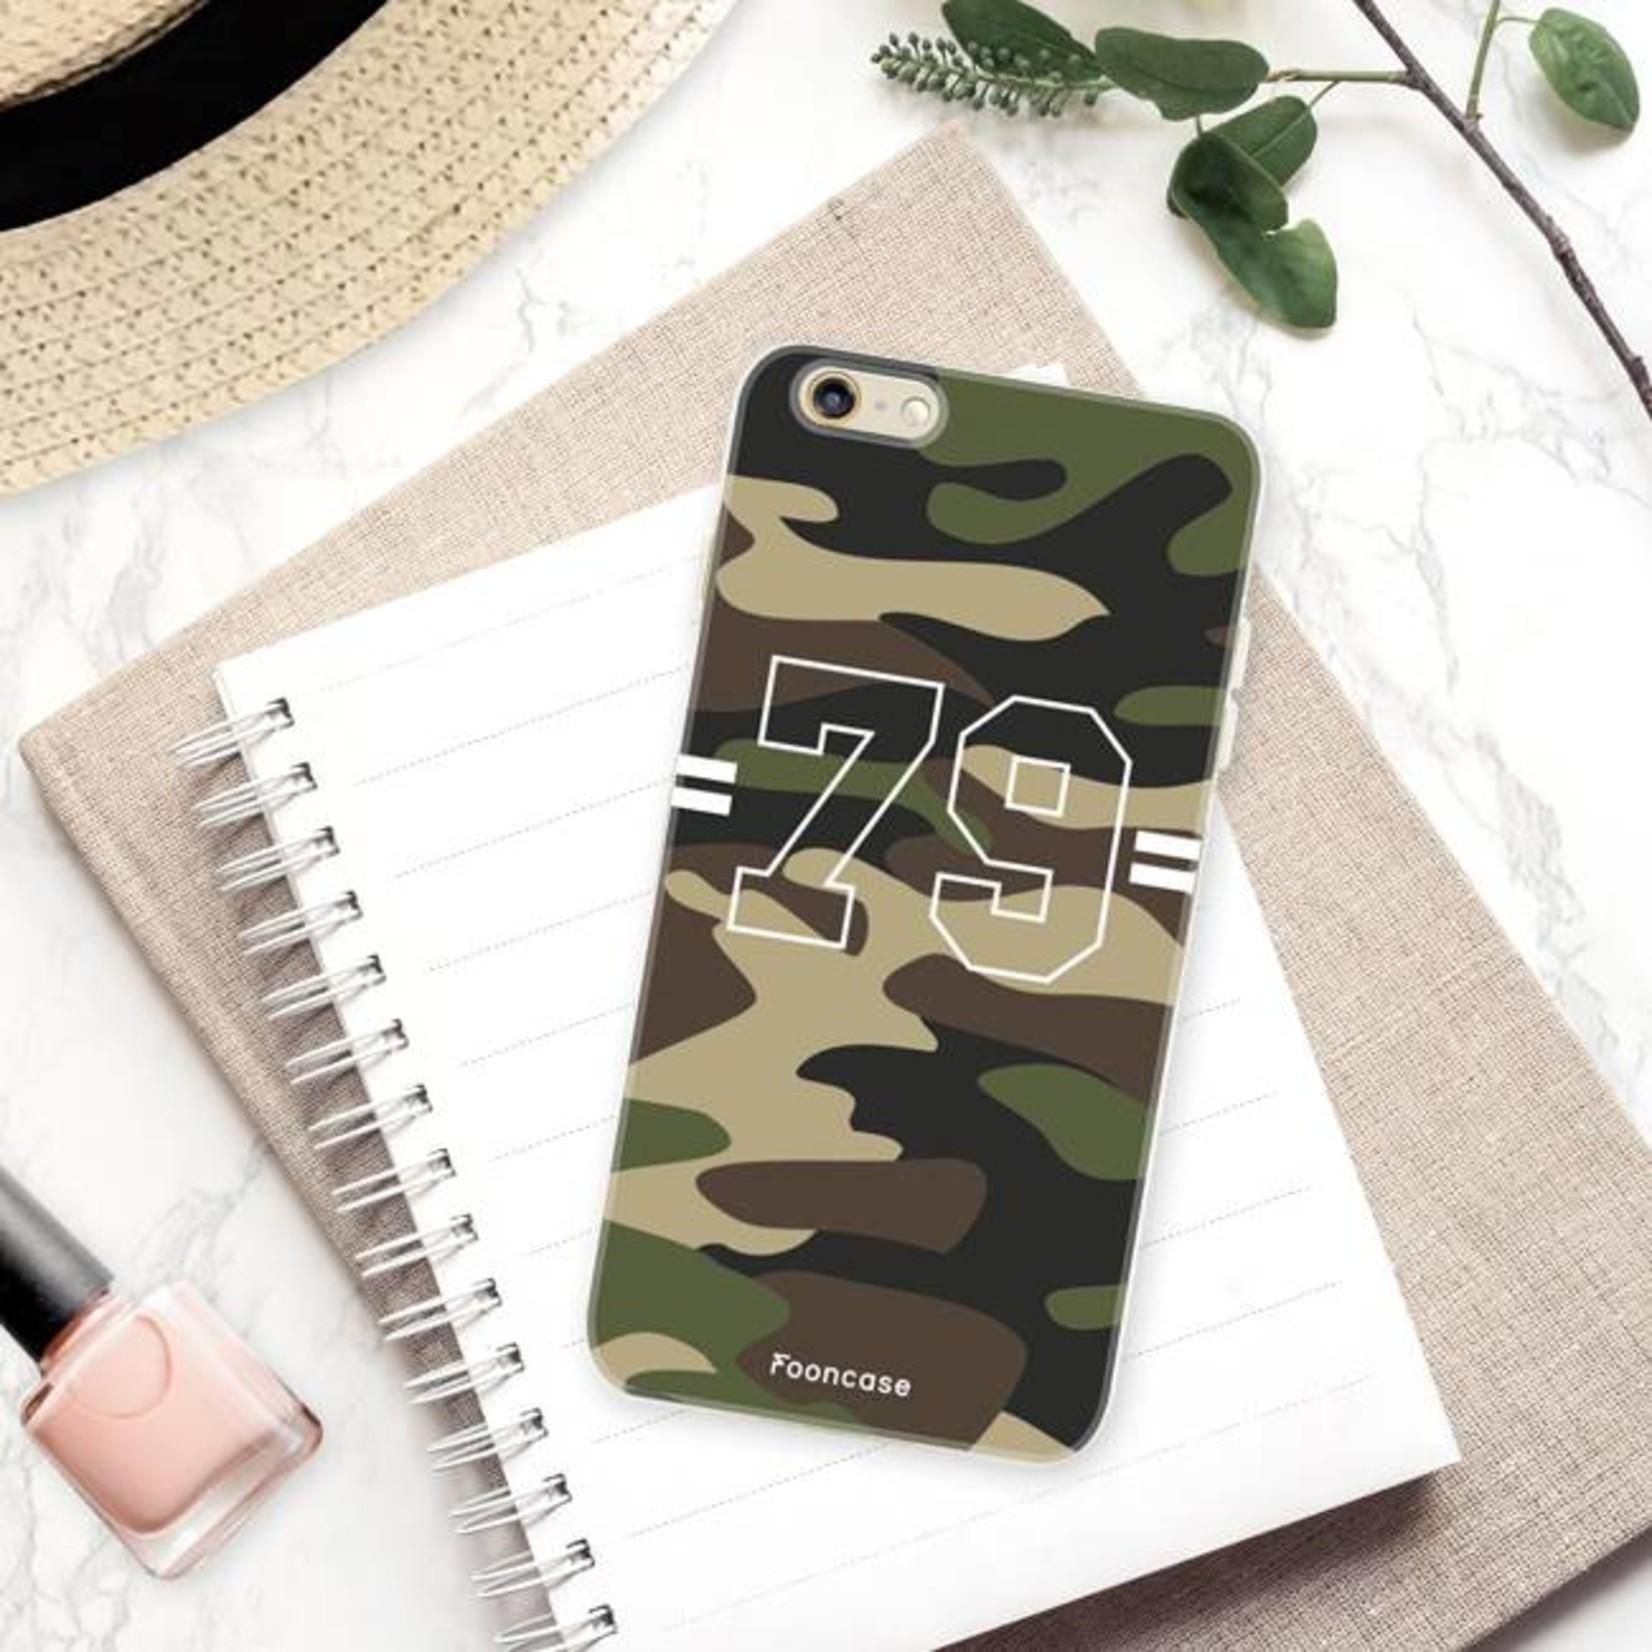 FOONCASE Iphone 6 Plus Handyhülle - Tarnung